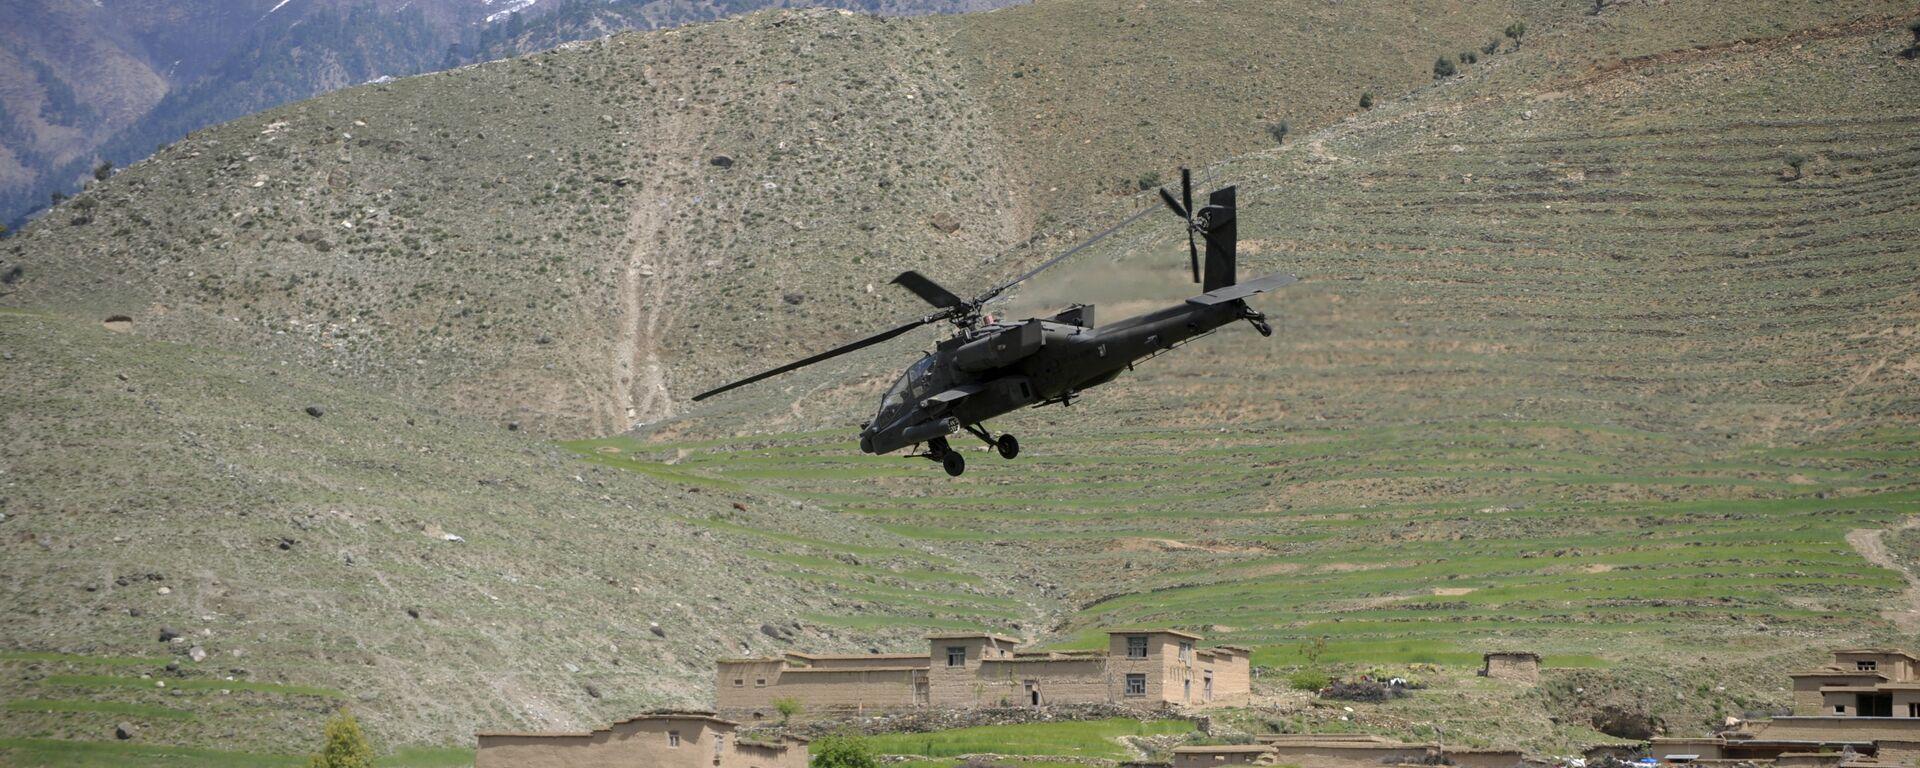 Almeno 14 soldati afghani morti di un raid aereo delle forze Usa  - Sputnik Italia, 1920, 14.08.2021